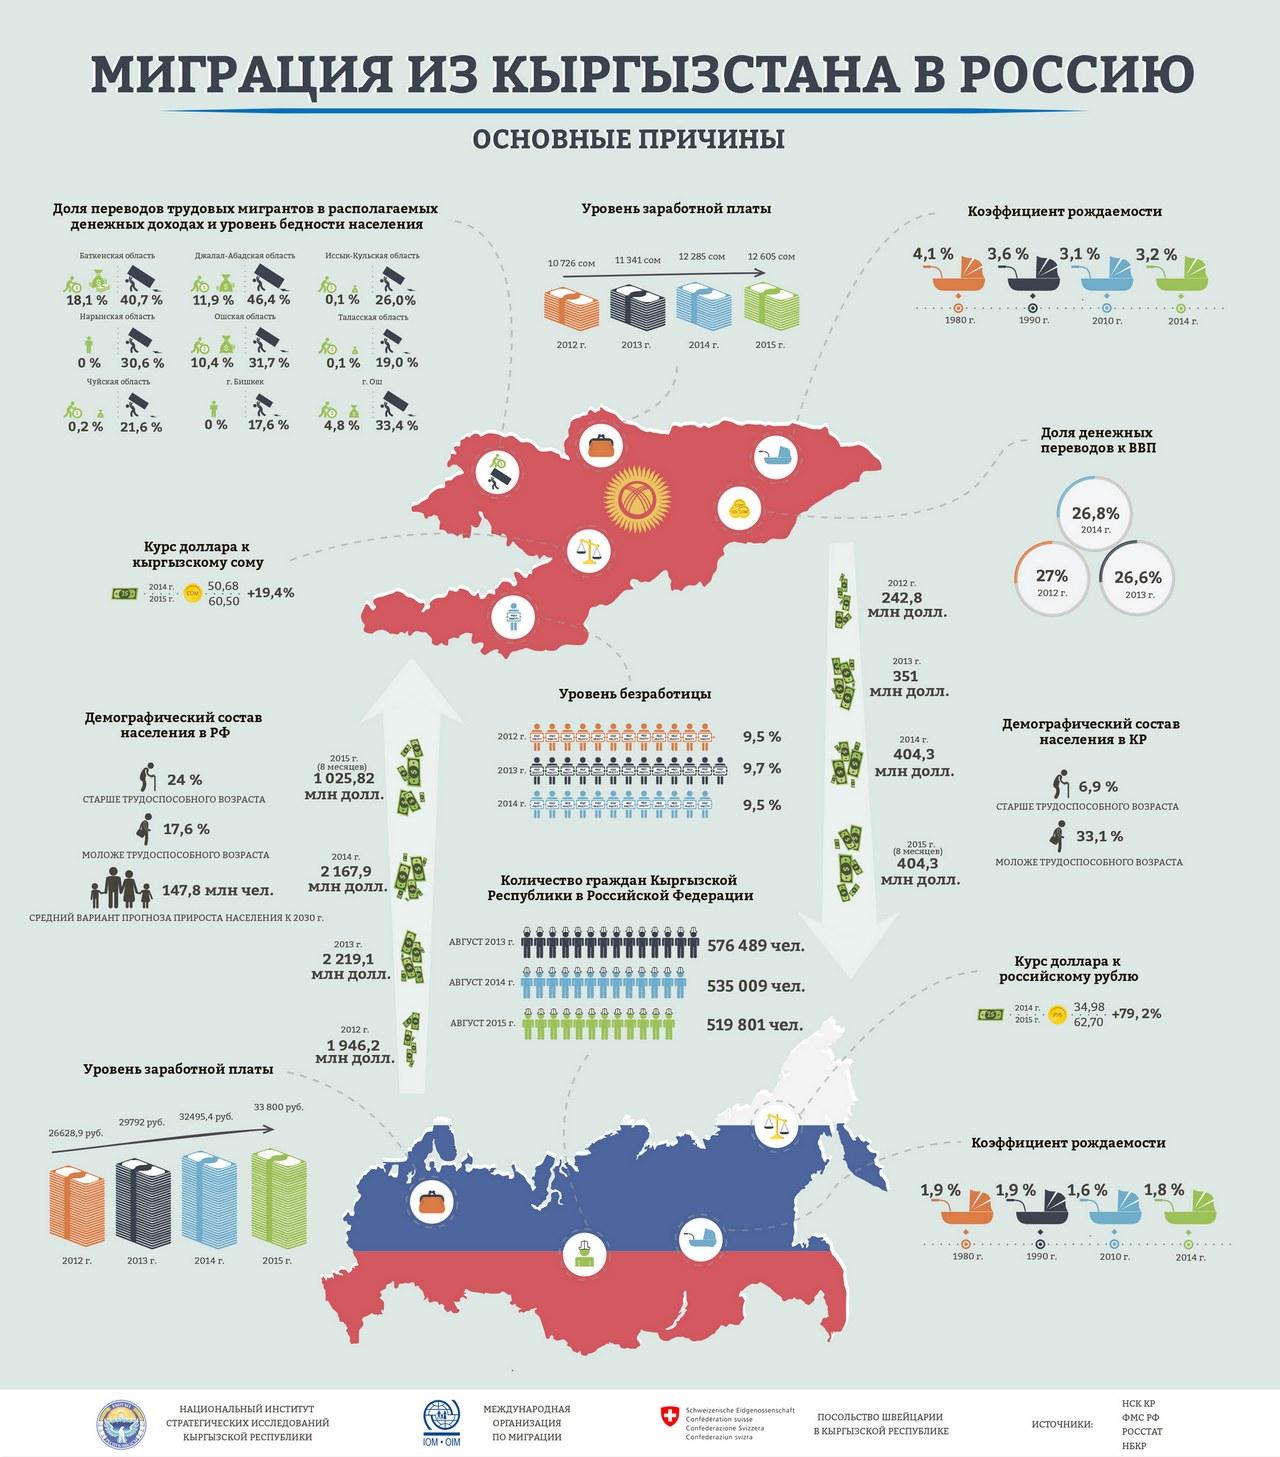 Инвестиционный проект производство битума в таджикистане и узбекистане 2014-2016 годы как заработать деньги на телефон в интернете